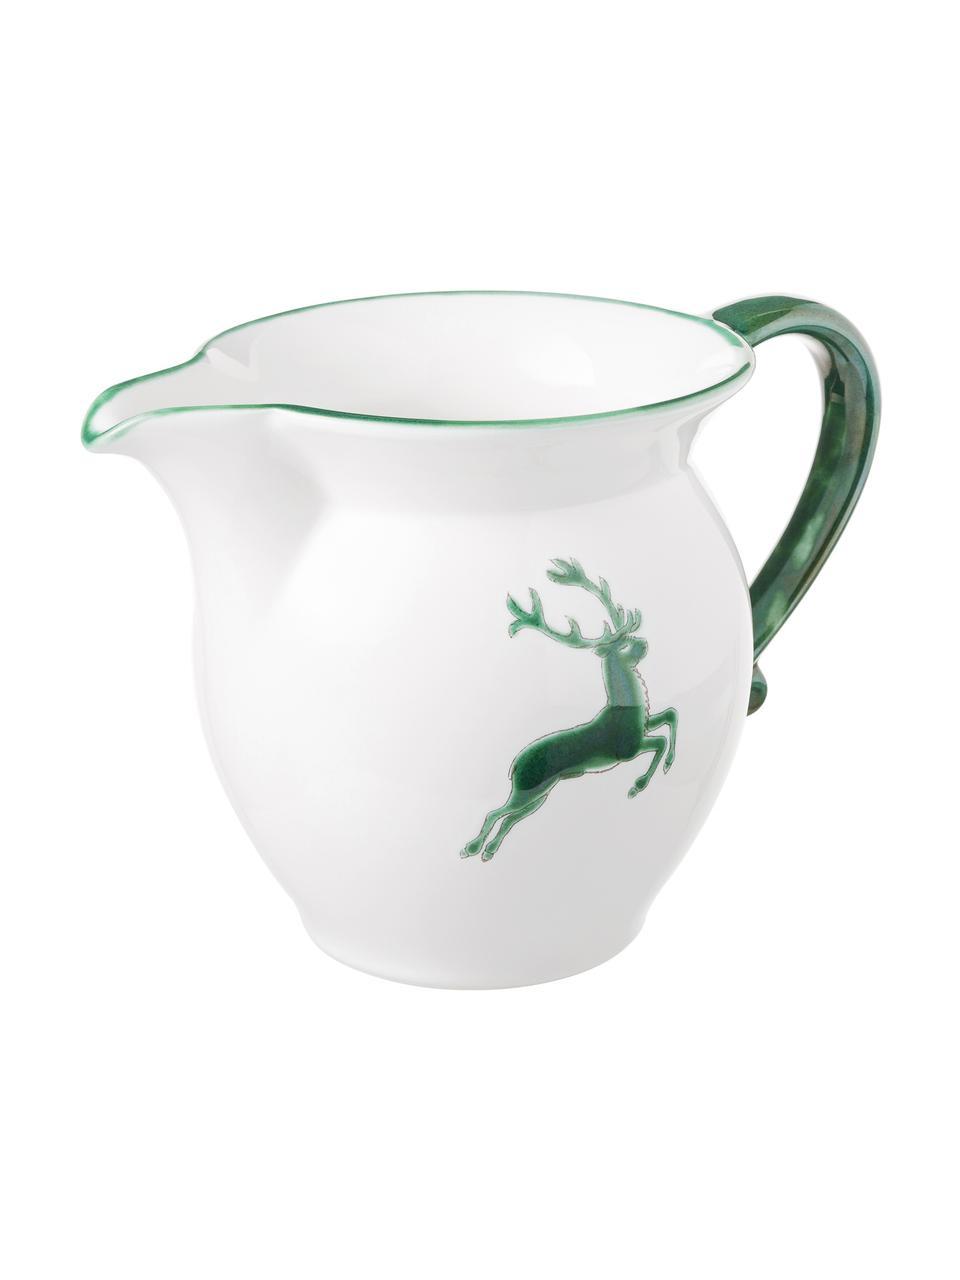 Handbemaltes Milchkännchen Classic Grüner Hirsch, 300 ml, Keramik, Grün,Weiß, 300 ml